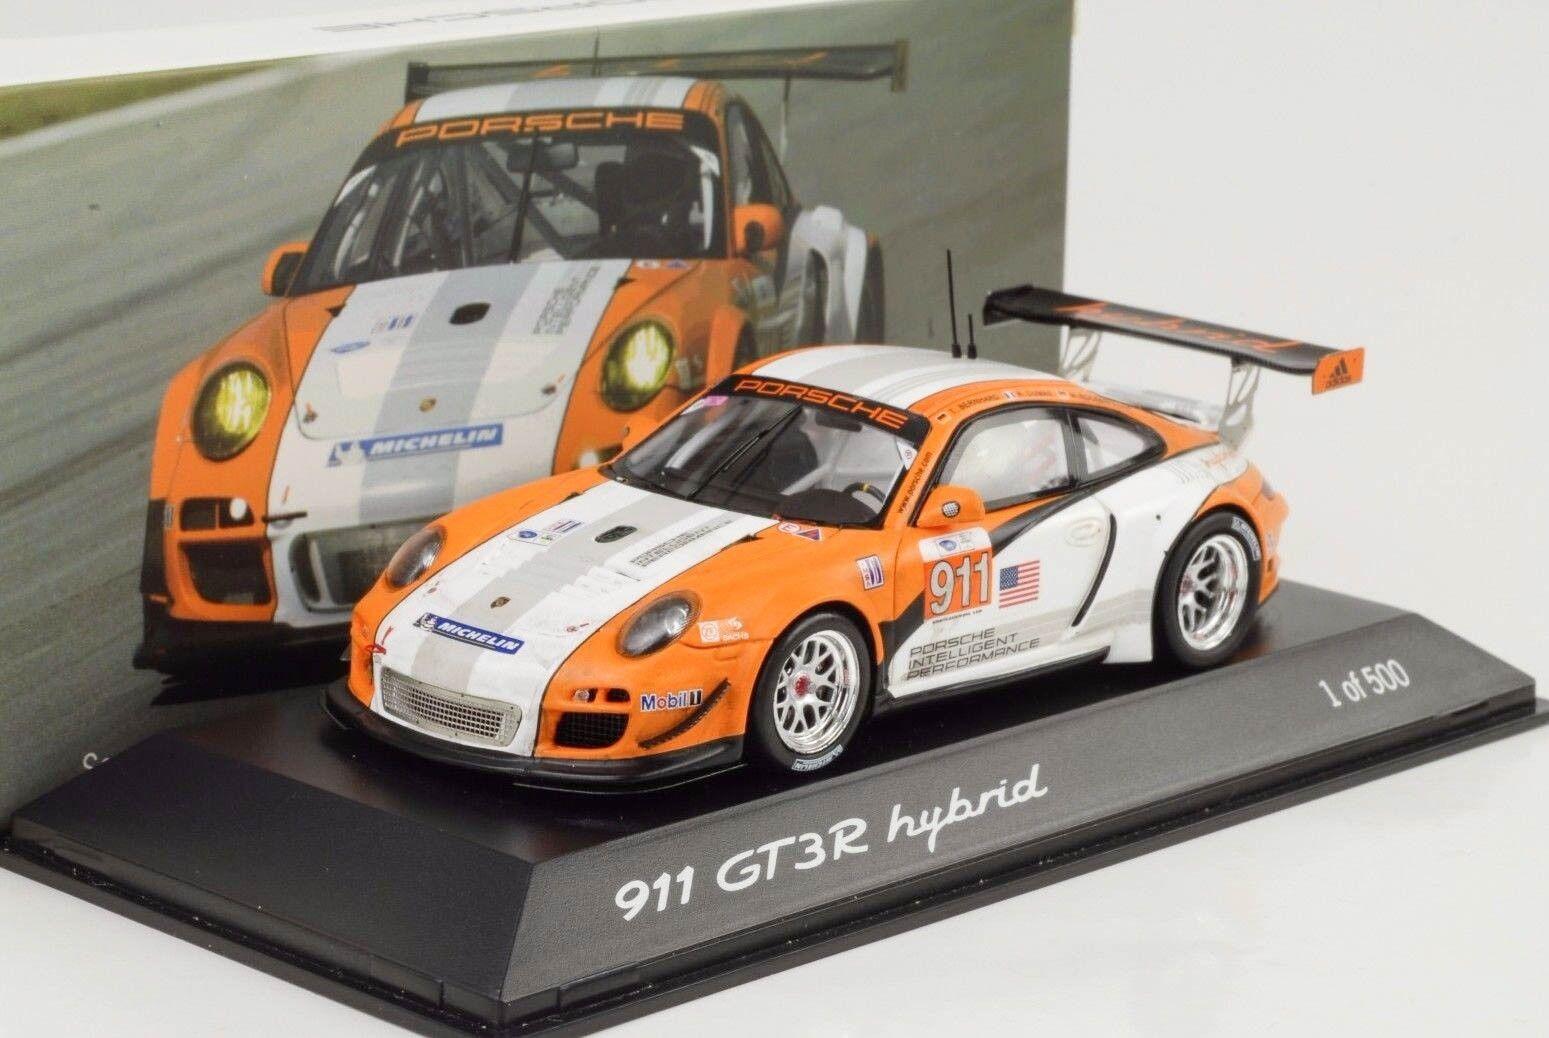 2010 Porsche 911 997 gt3 R Hybrid Testcar Atlanta septembre 1:43 Spark Musée | Digne  | Attrayant Et Durable  | Nombreux Dans La Variété